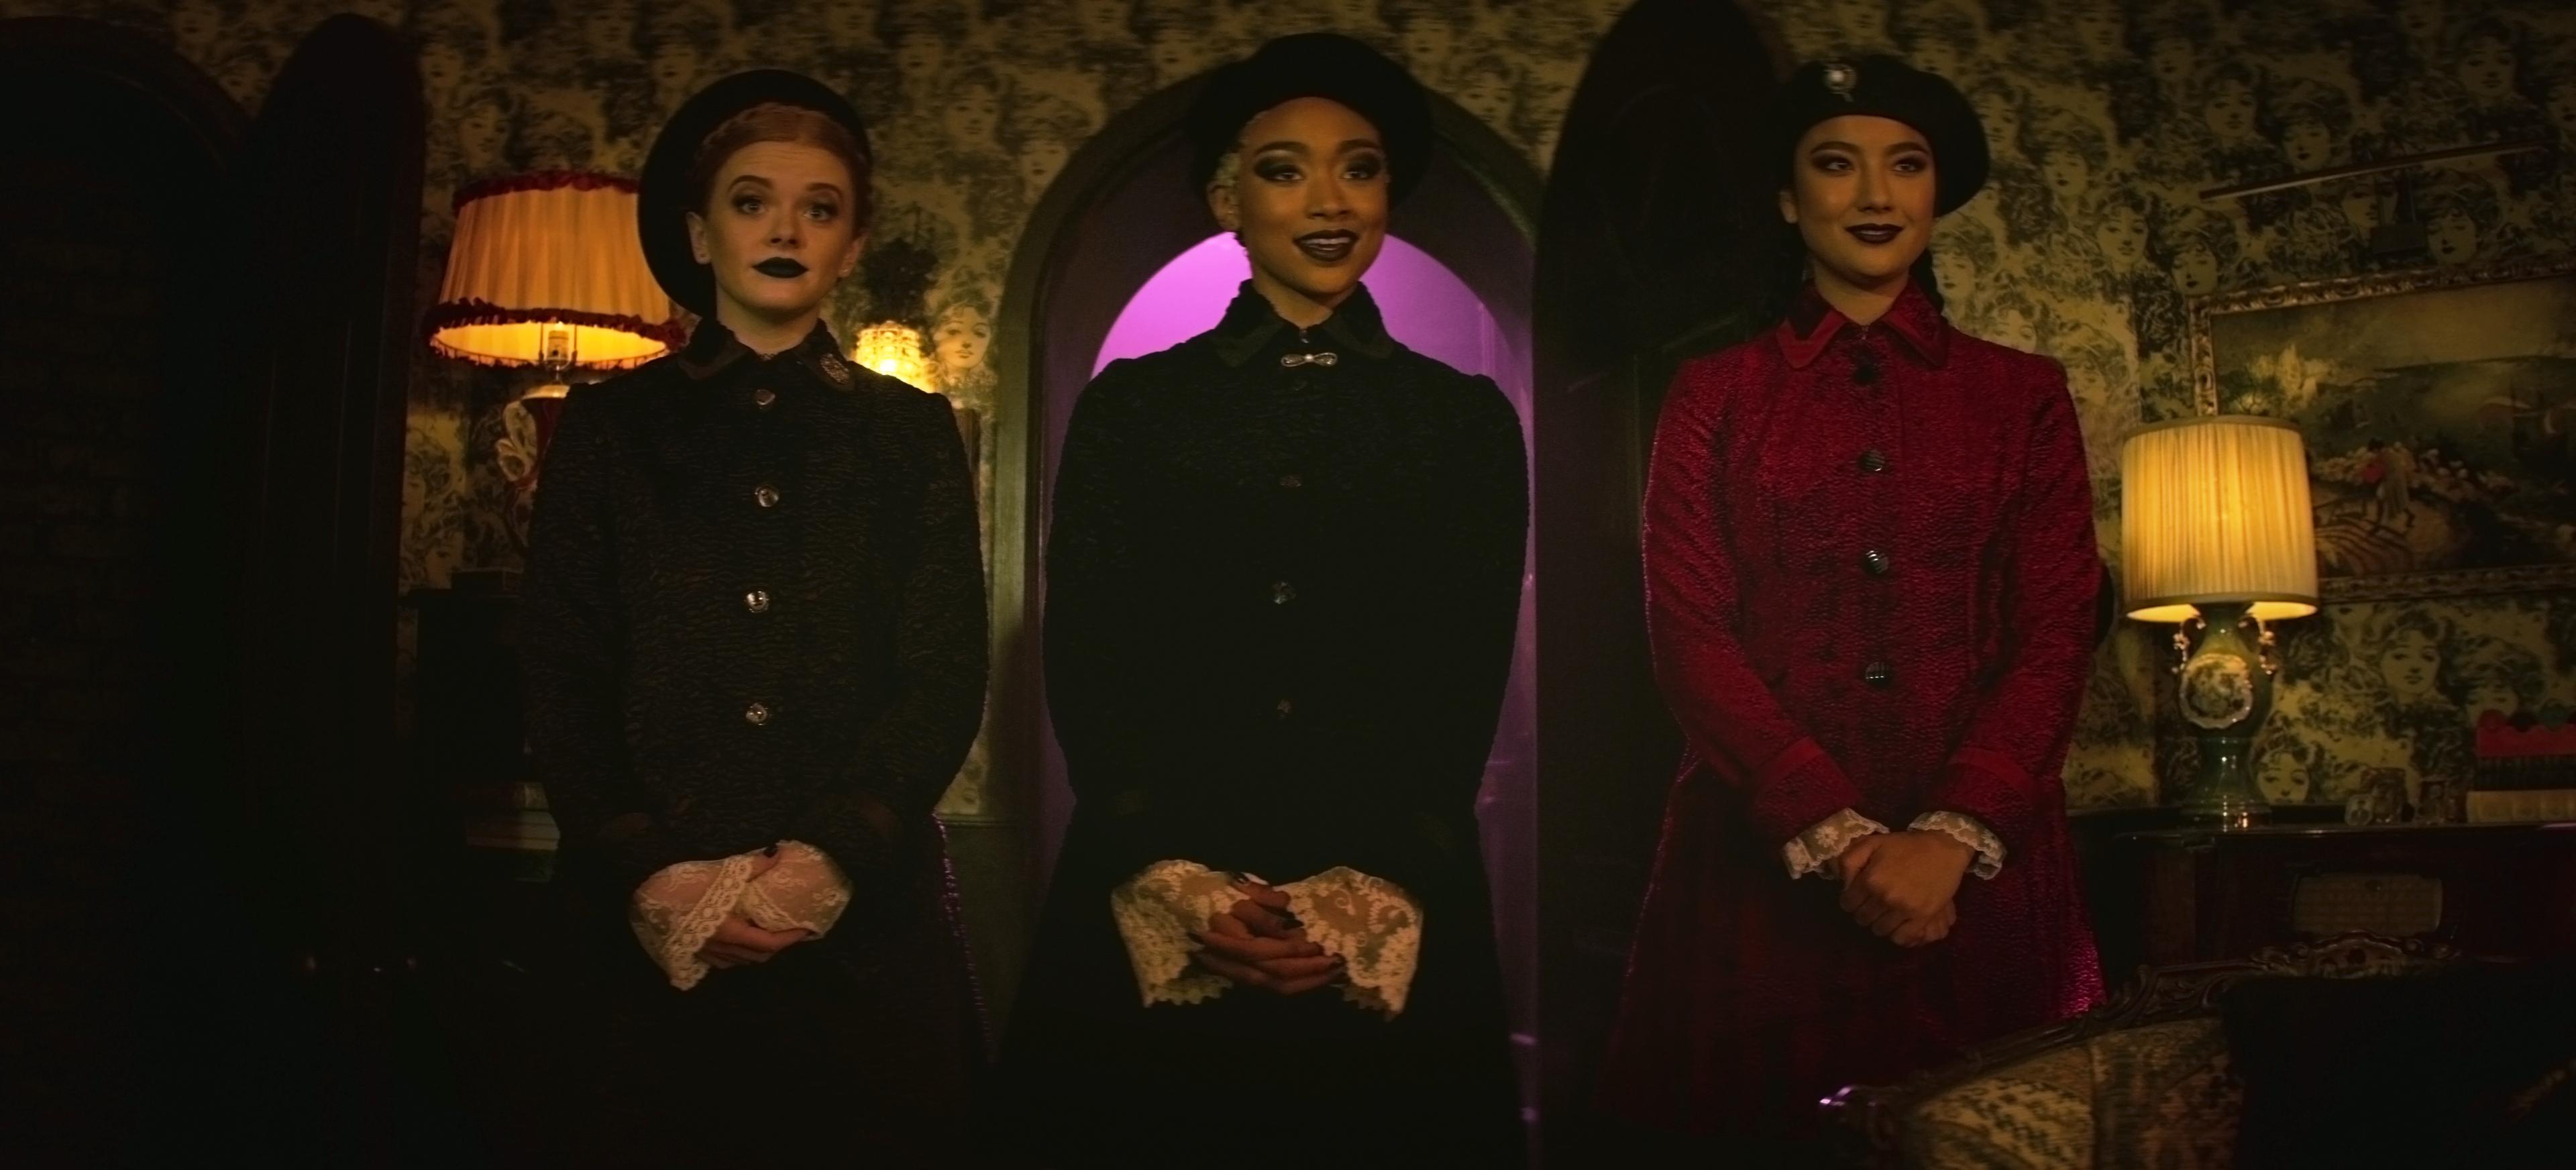 Les aventures effrayantes de Sabrina - Saison 1 Épisode 5 - Abigail Cowen, Tati Gabrielle et Adeline Rudolph. Photo : Courtoisie de Netflix.